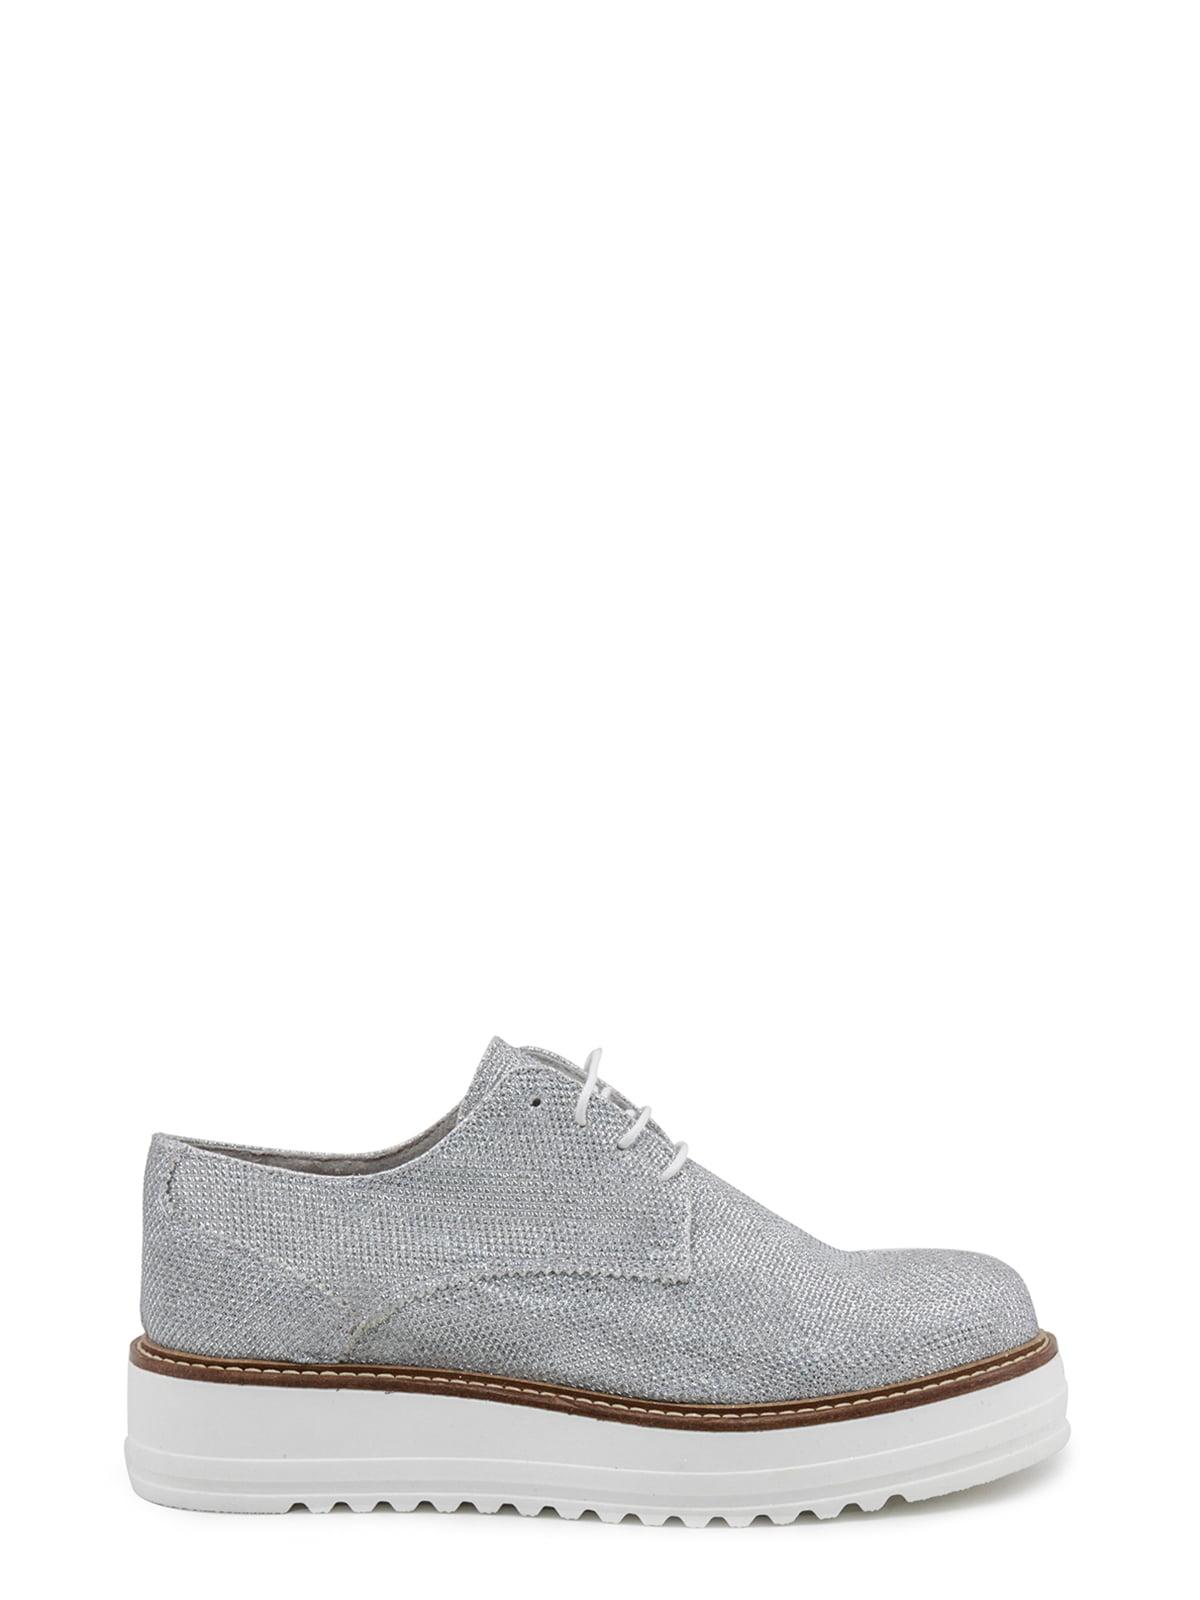 Туфли серебристые | 4174472